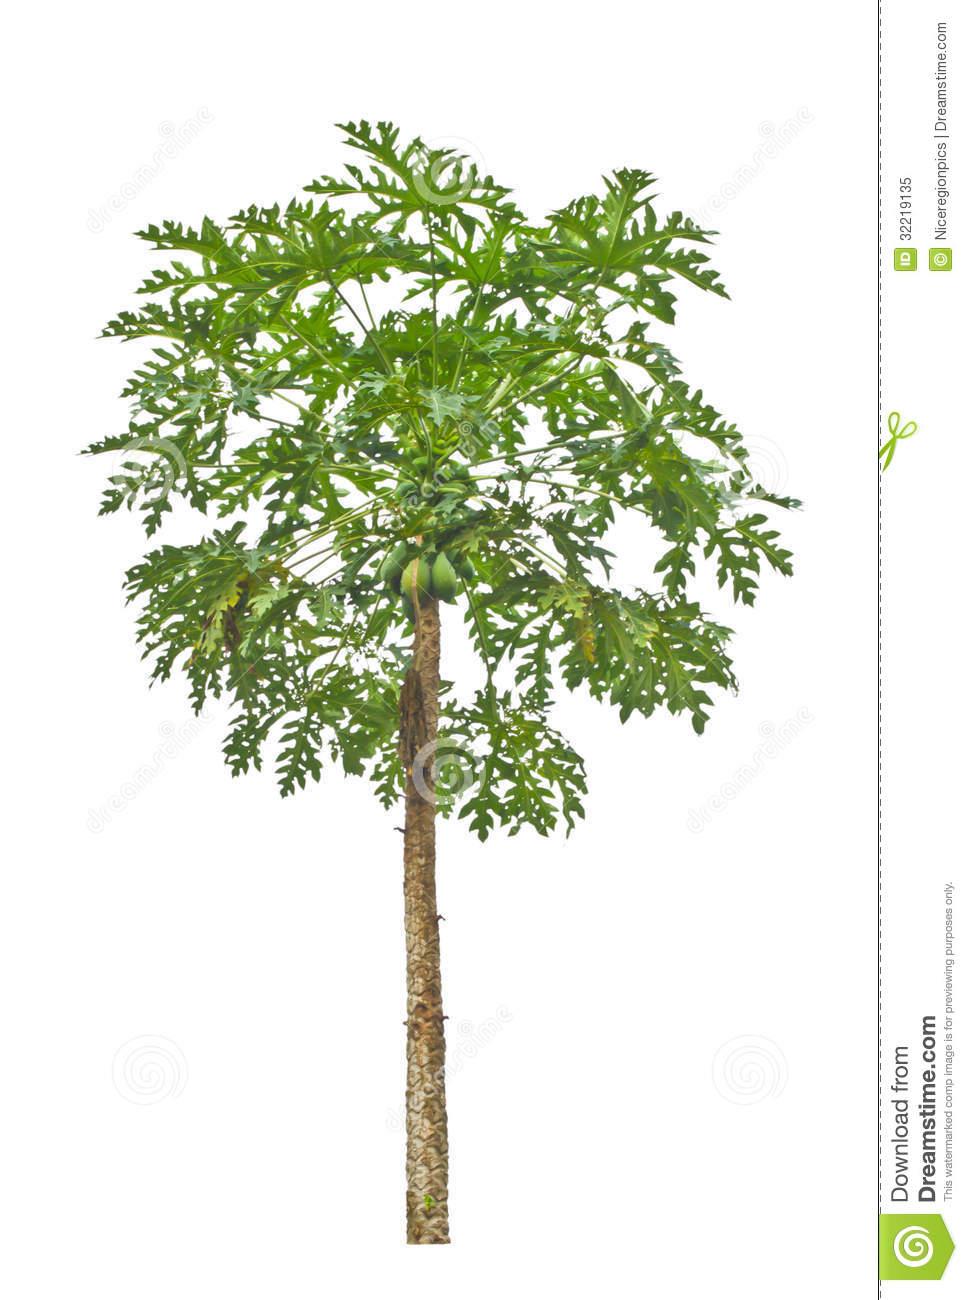 Papaya Tree. Royalty Free Stock Photo.